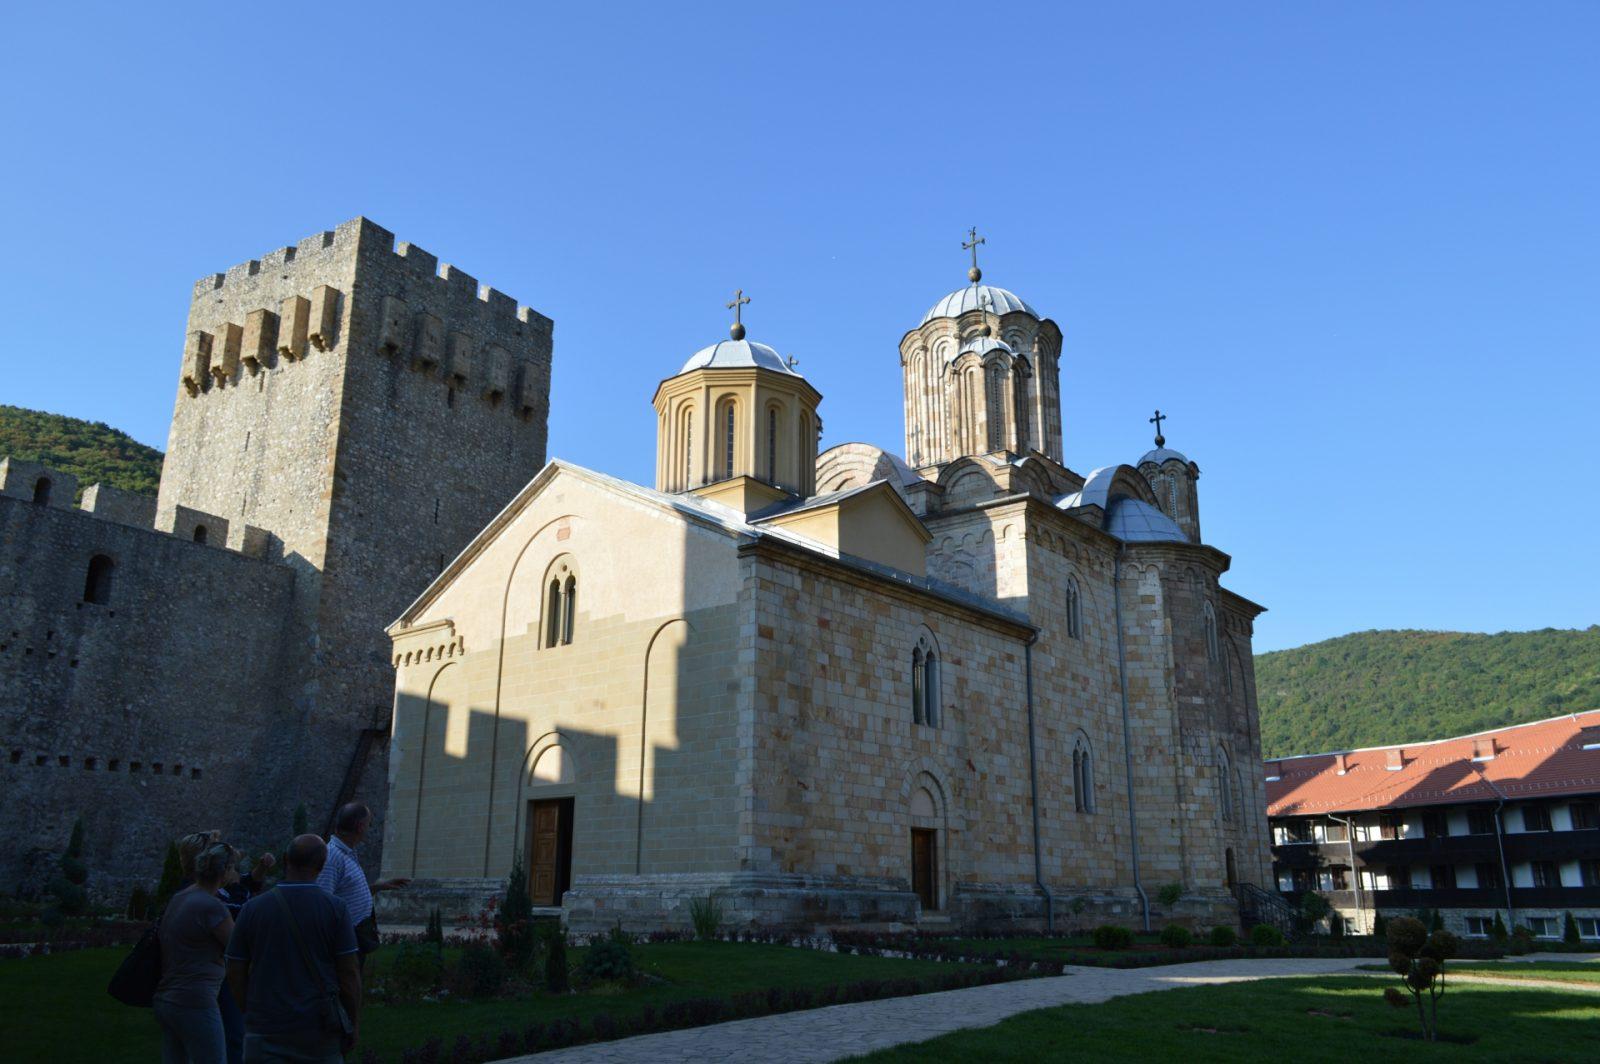 Manasija manastir, Upoznajte Srbiju, Putovanja autobusom, Hoteli, Planine, Banje, Jezera, Gradovi